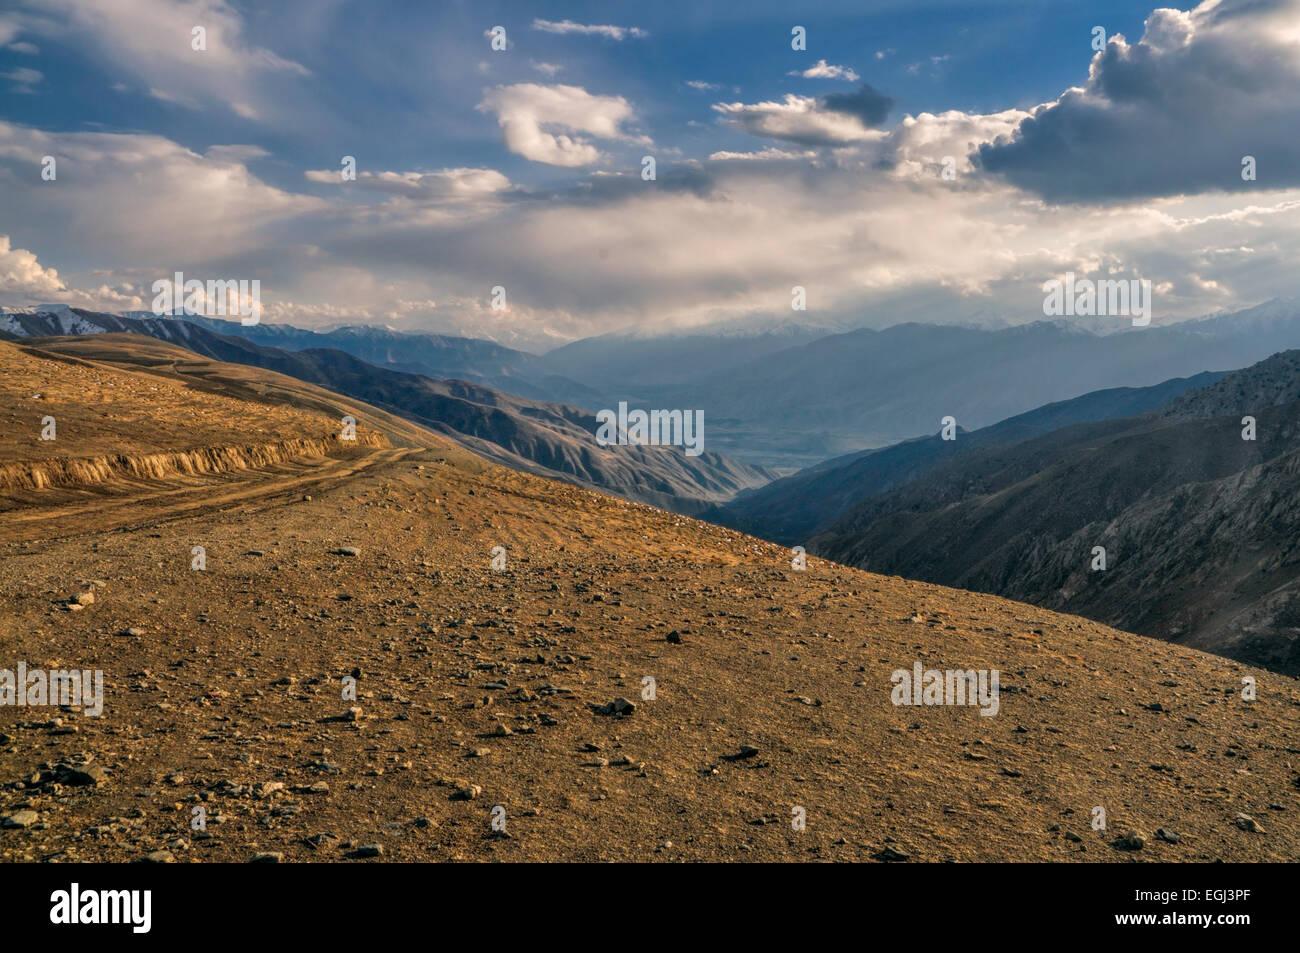 Vista mozzafiato delle montagne afgane sotto la luce diretta del sole Immagini Stock